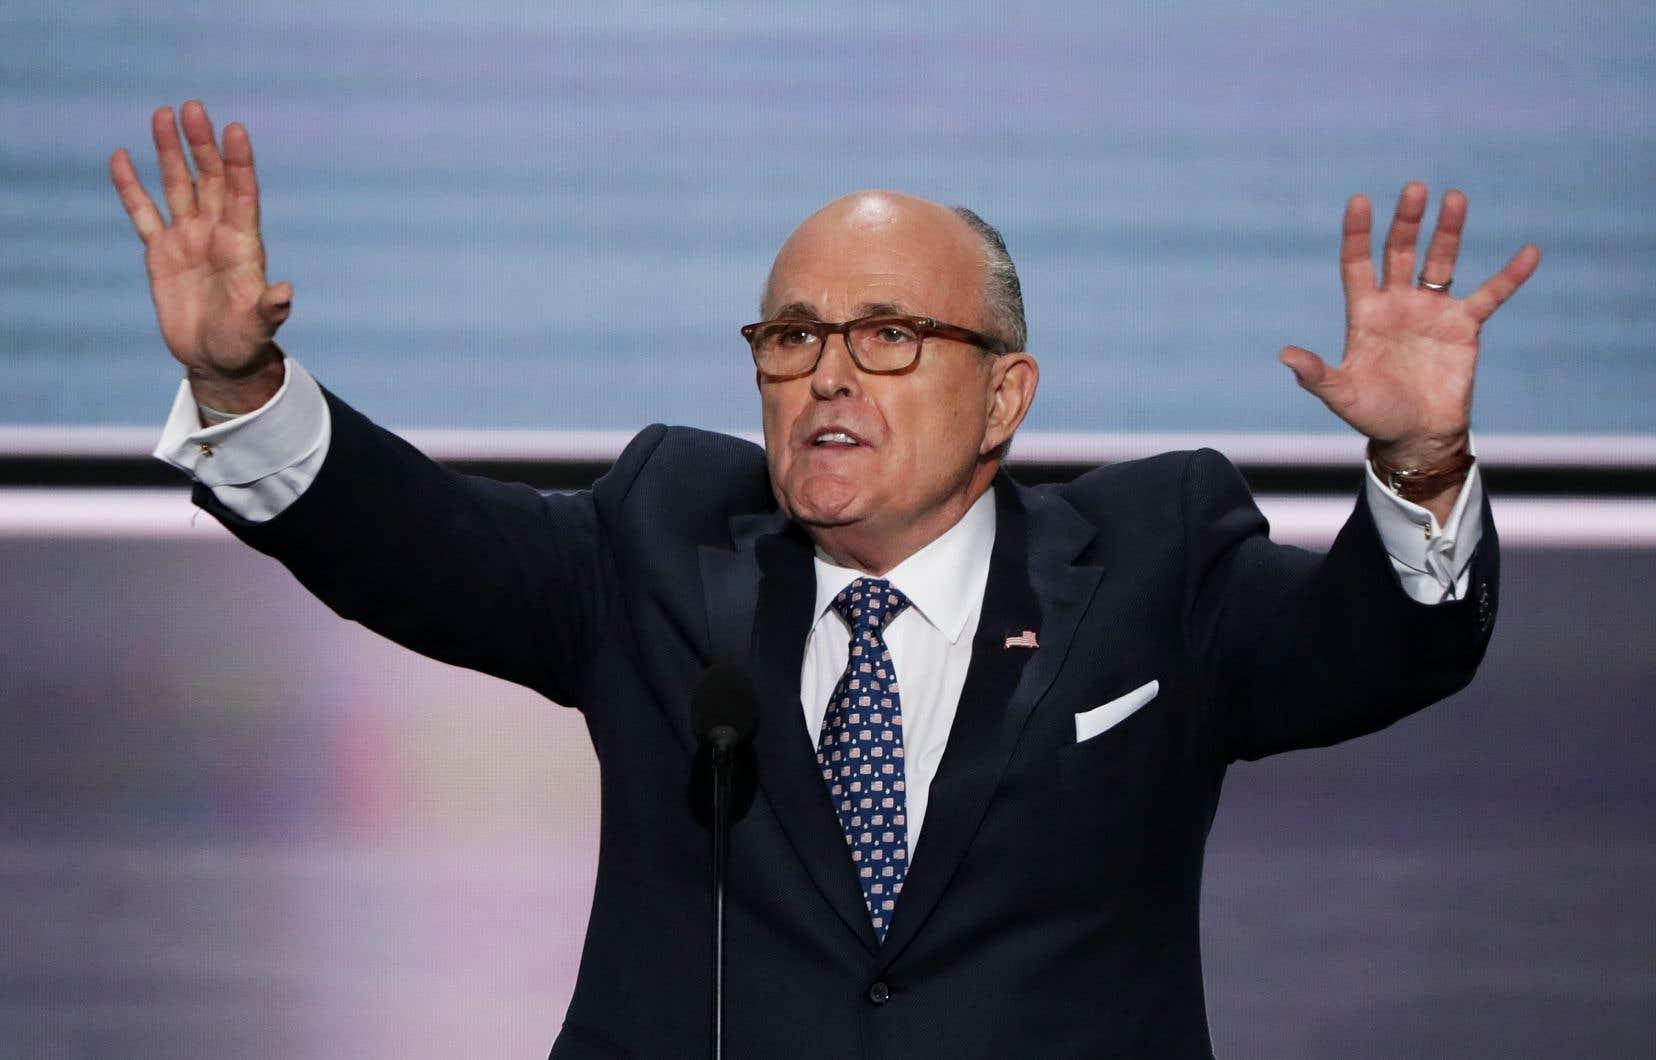 À 75ans, Rudy Giuliani, avocat personnel de Donald Trumo, se retrouve en pleine tourmente à cause de ses efforts pour convaincre l'Ukraine de chercher des informations compromettantes sur le démocrate Joe Biden.